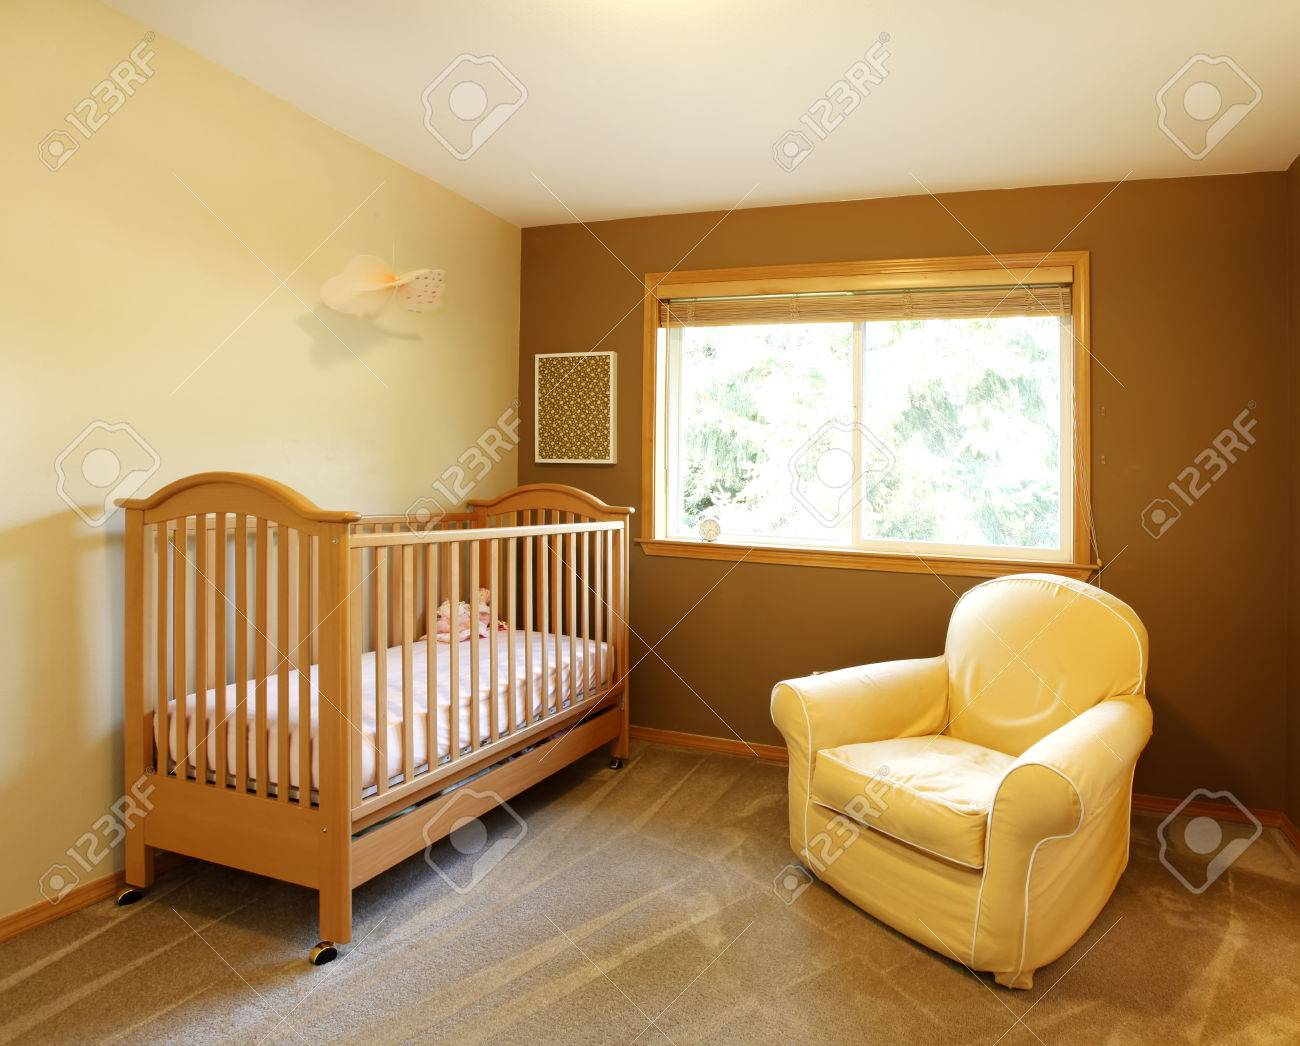 Chambre bébé avec lit et chaise murs jaune et brun.